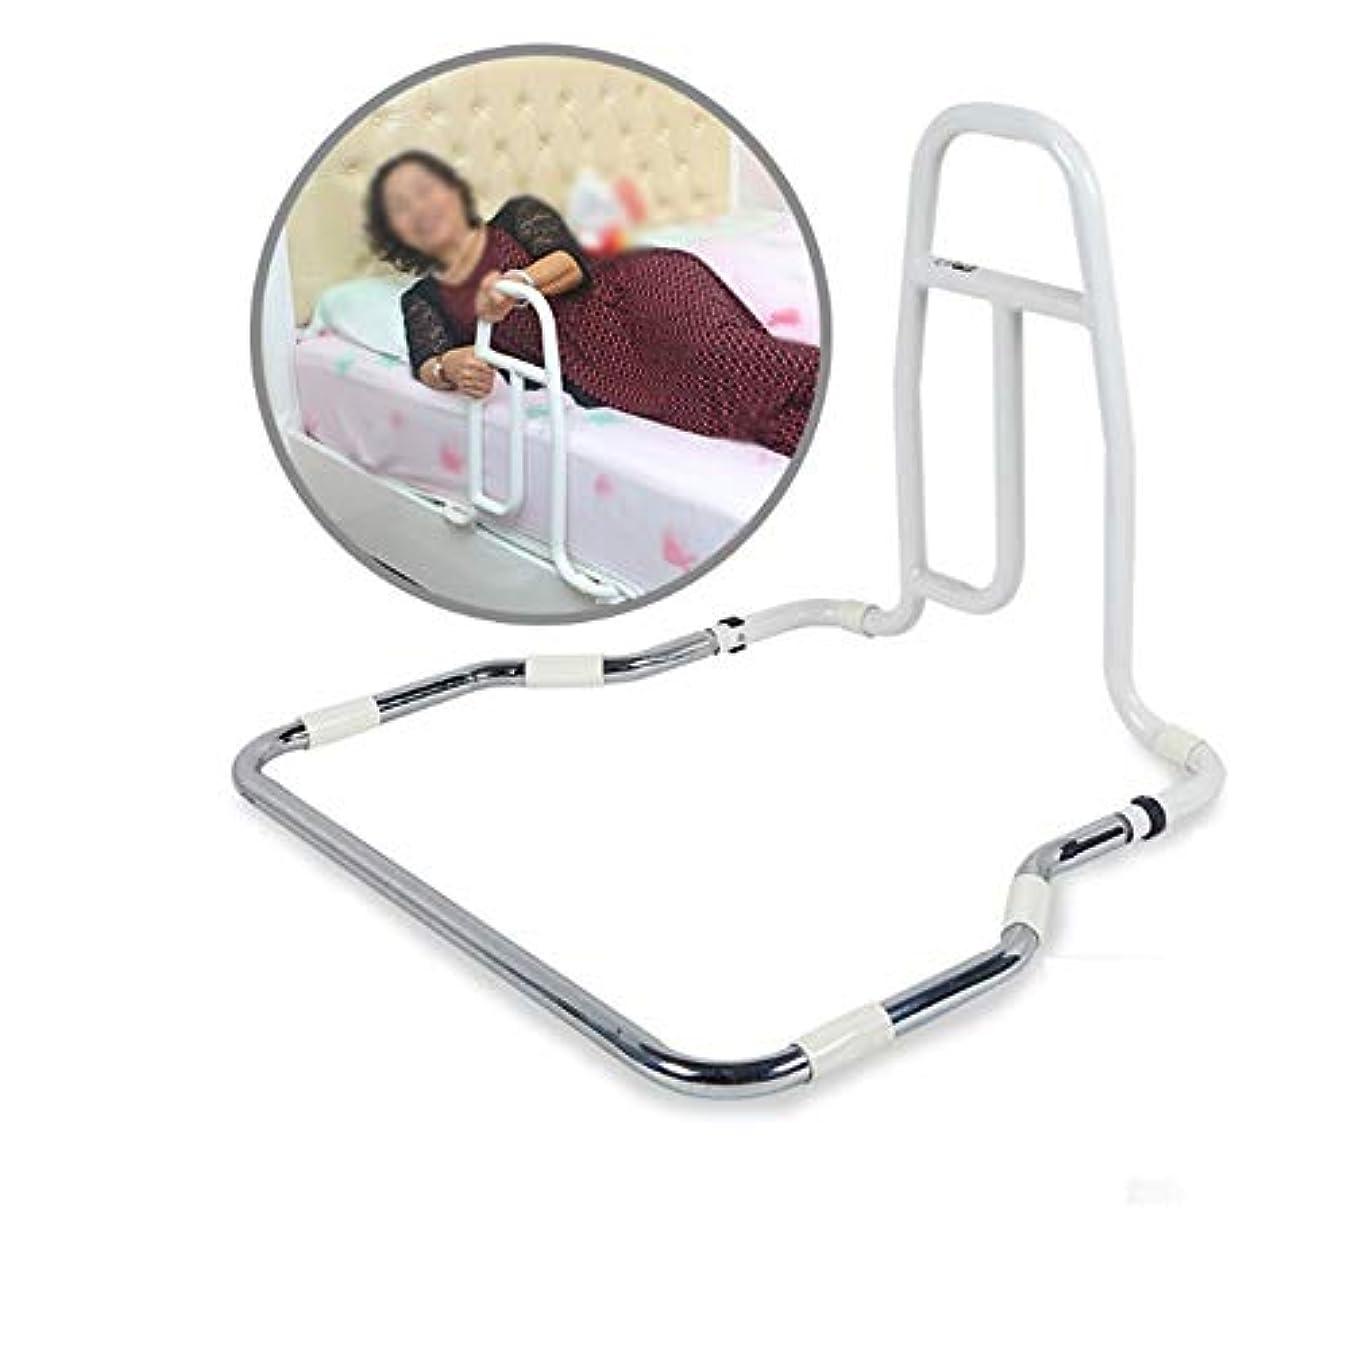 ハードリングピット純粋なベッドグラブレール、安全な高さ調節可能なレール、ベッドの出入りを支援、安定補助具、高齢者用、身体障害者、障害者、ディバンベッドグラブハンドル